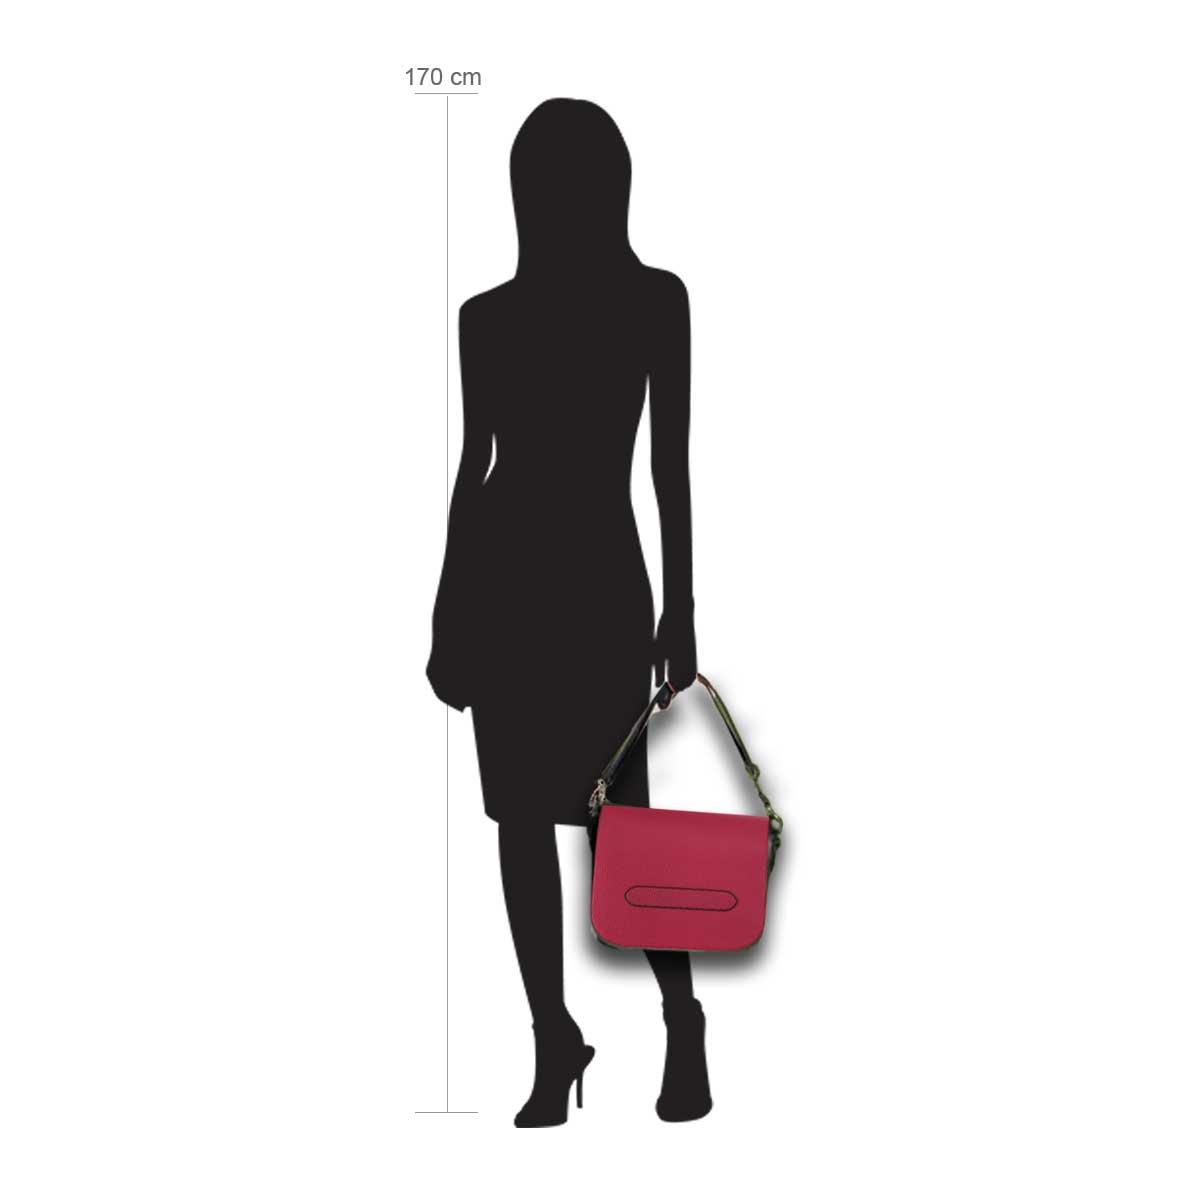 Modellpuppe 170 cm groß zeigt die Handtaschengröße an der Person Modell:Toskana